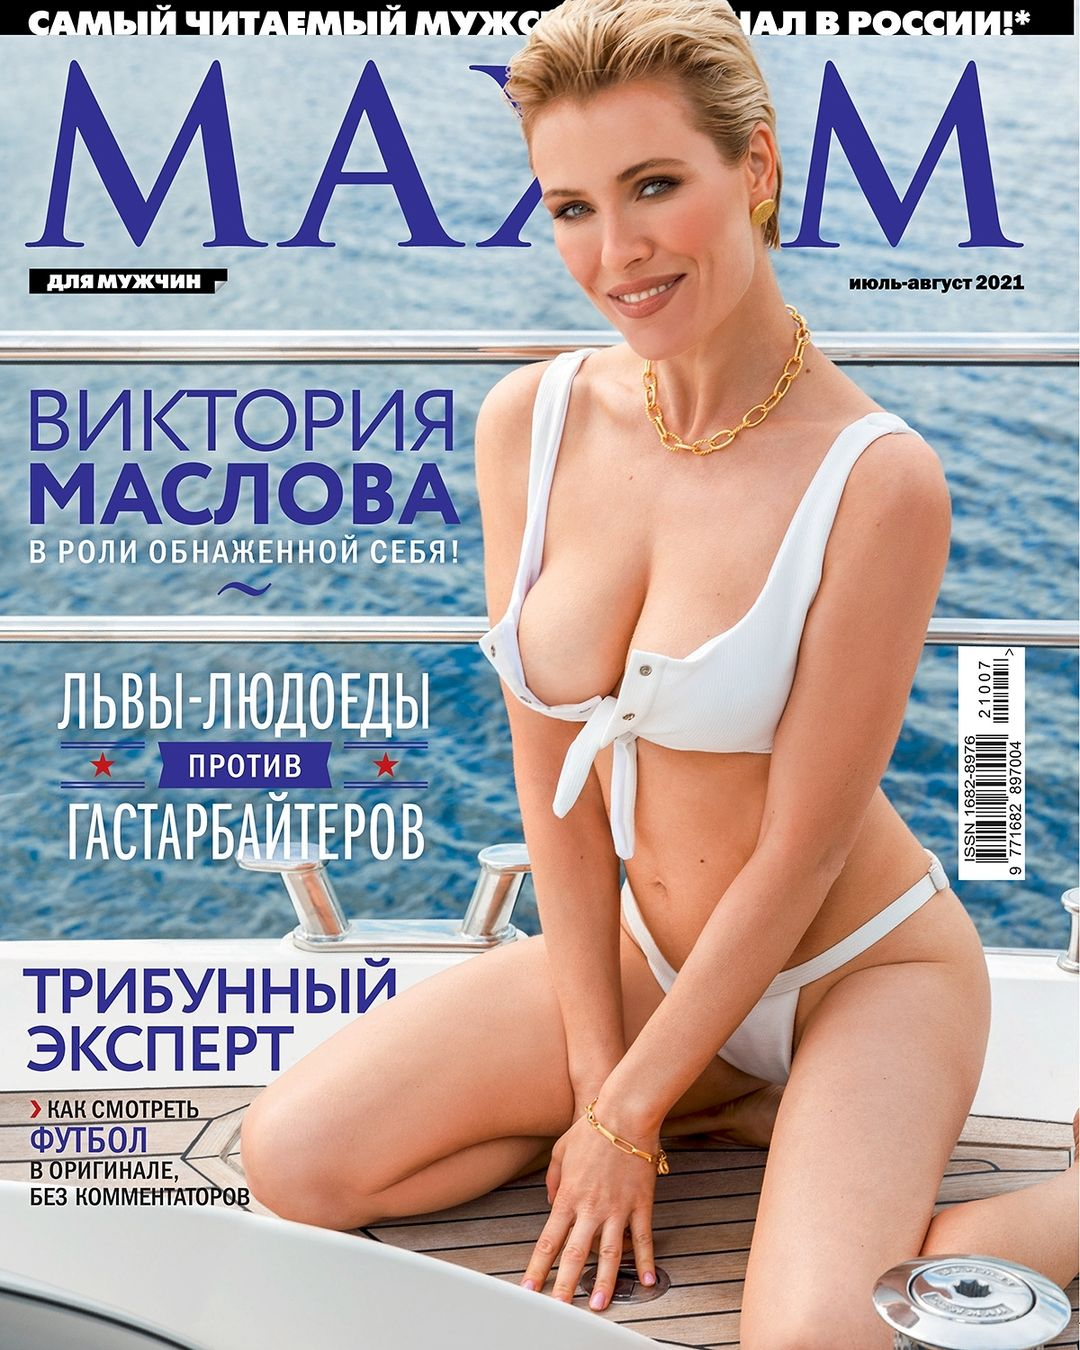 maximmagazinerussia_206111641_948666962595422_8001934997155002190_n.jpg